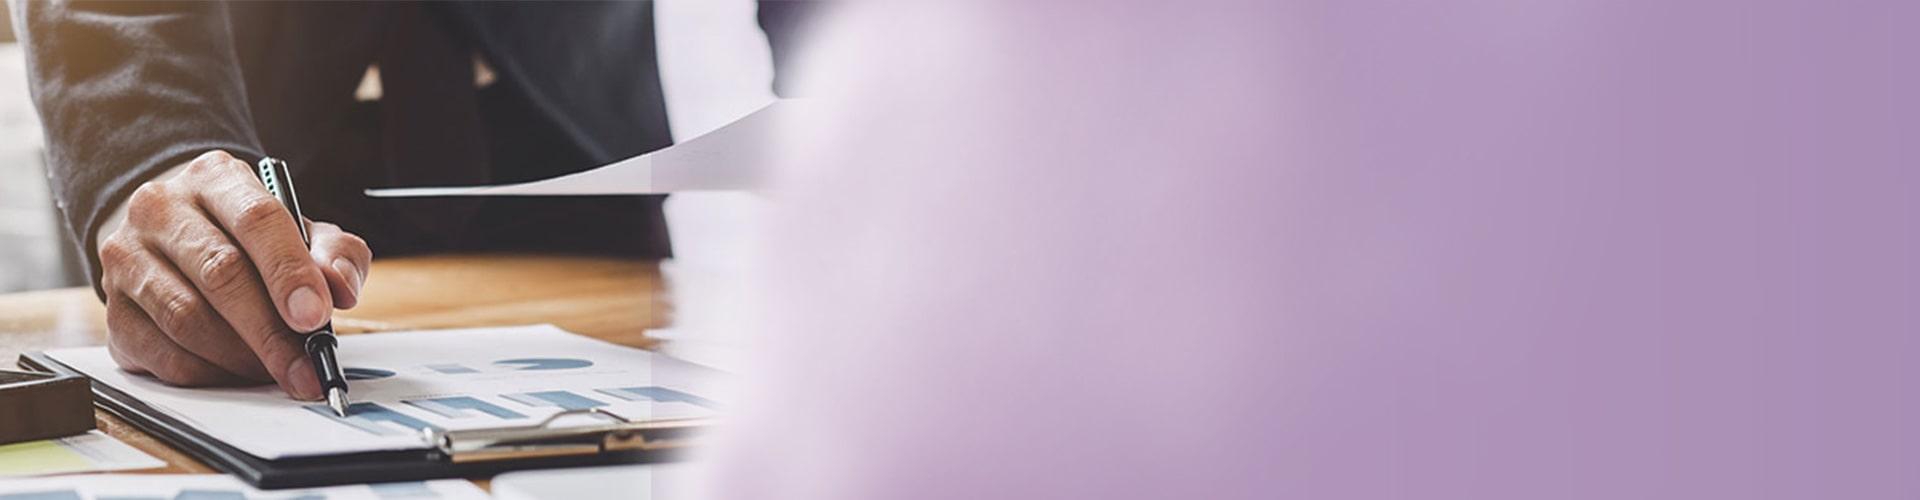 mustafa-boz-internal-banner-min-7E3LG